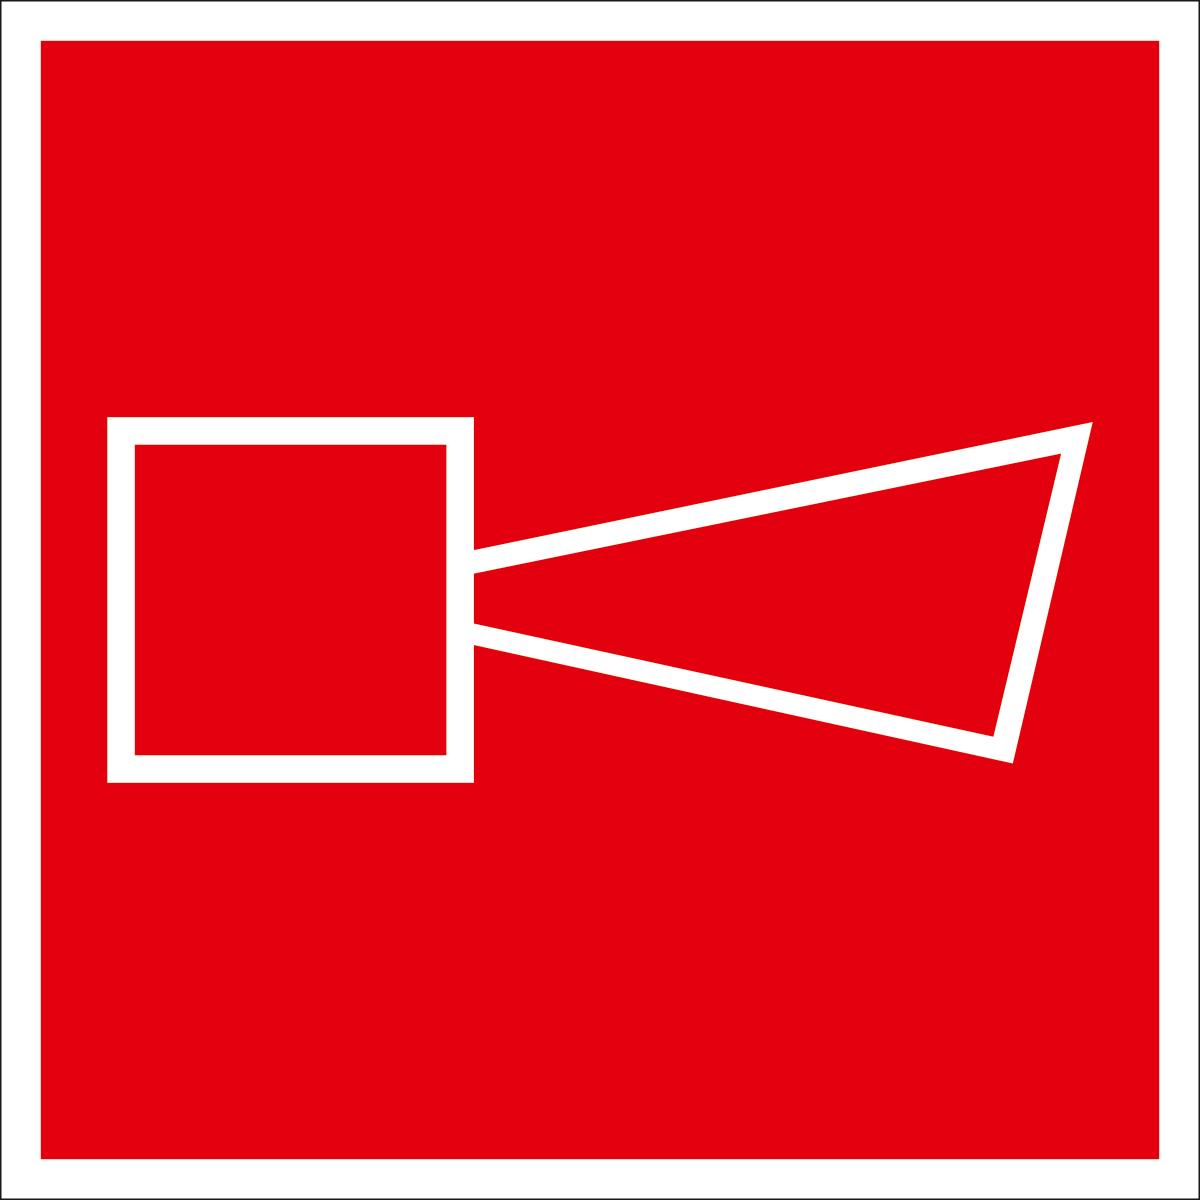 Наклейка информационная Оранжевый Слоник Звуковой оповещатель пожарной тревоги, 15 х 15 см